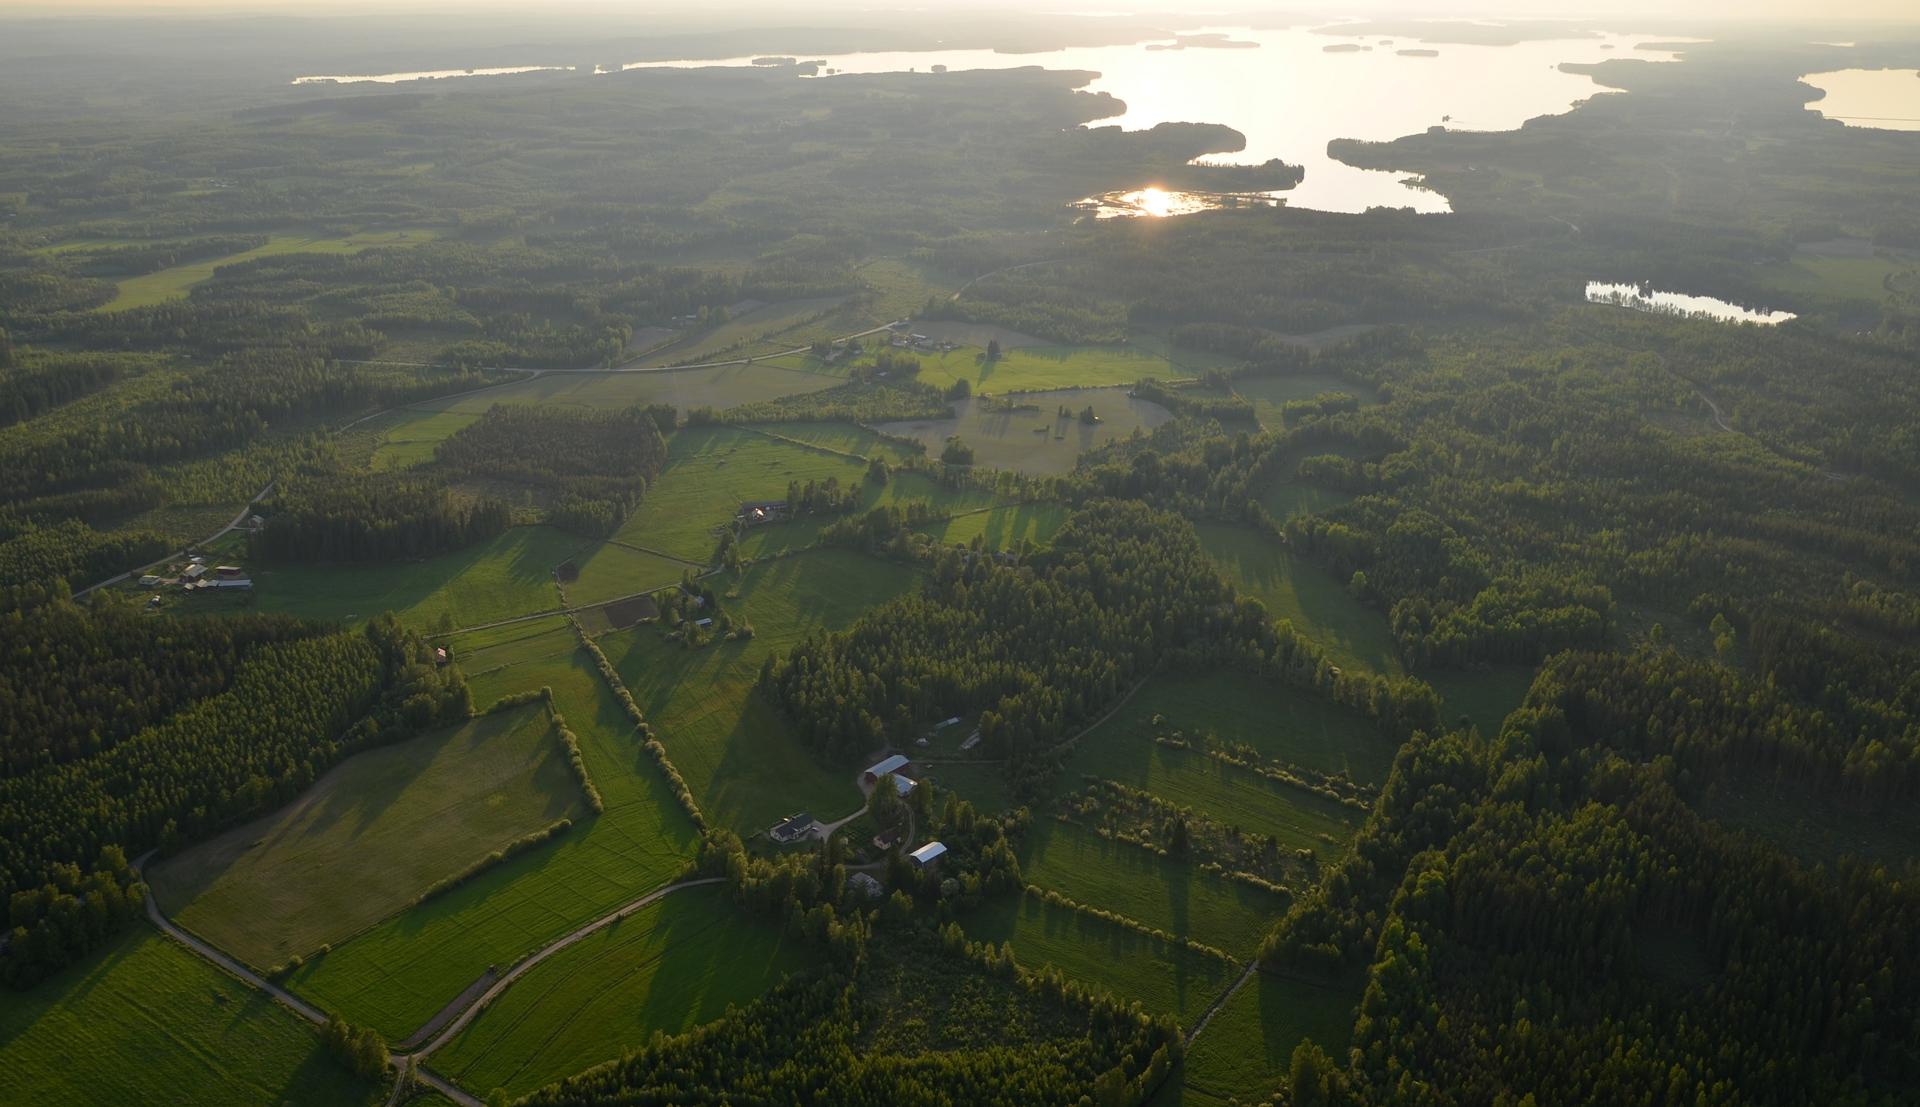 Kannaksen vasemmalla puolella Keitelejärvi ja jossakin tuolla horisontissa Viitasaari